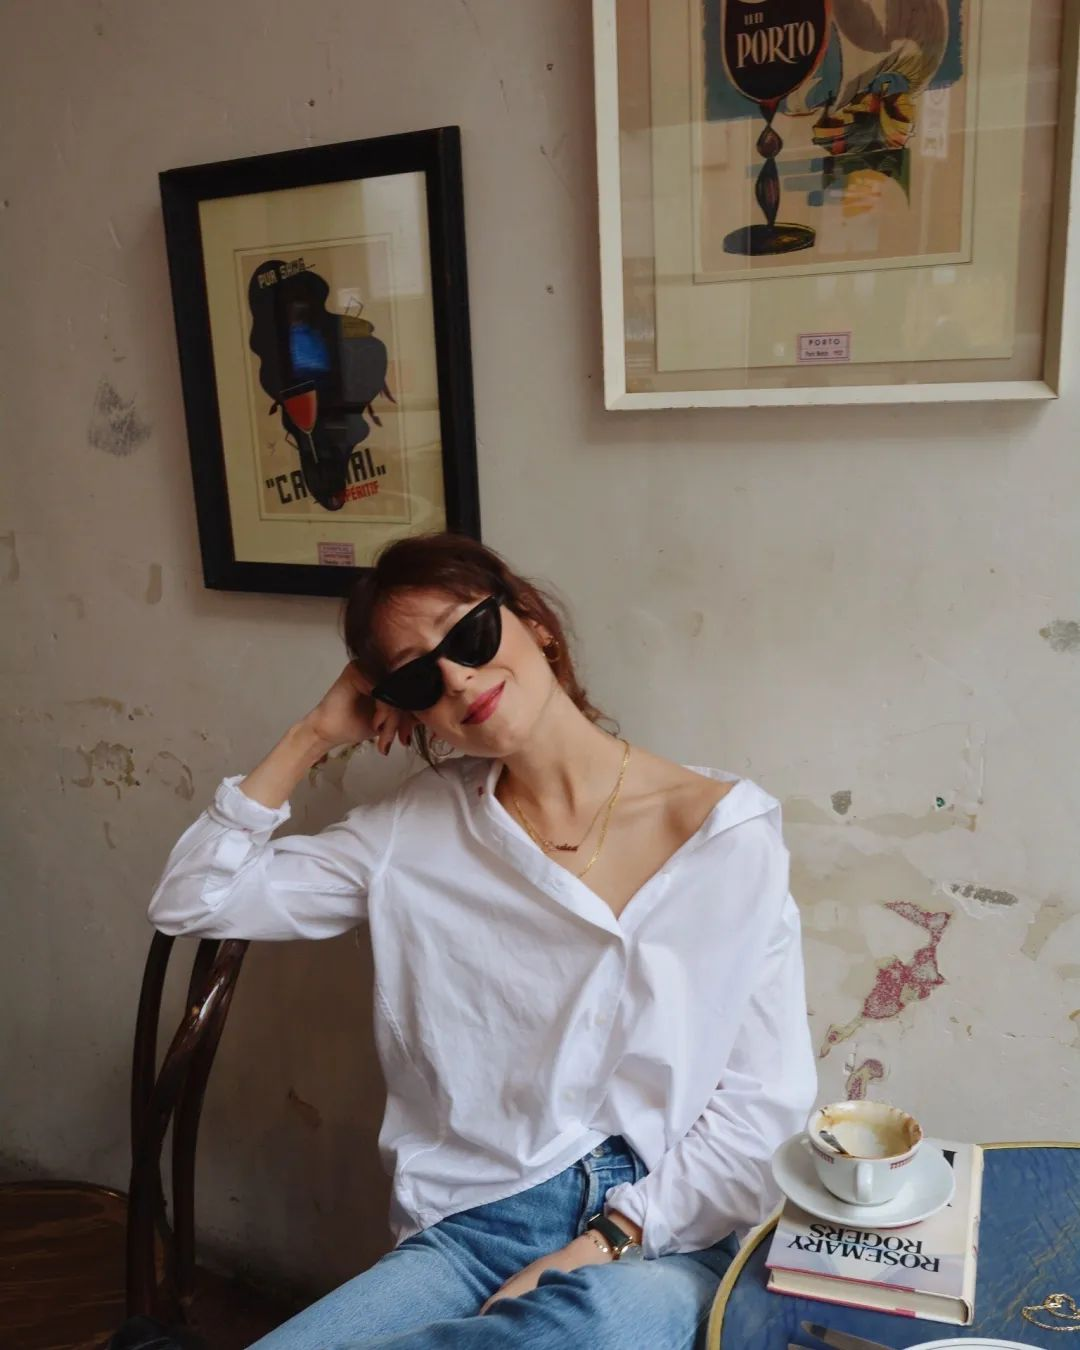 Sơ mi trắng - item kinh điển nhưng muốn mặc đẹp thì không phải nàng công sở nào cũng biết 2